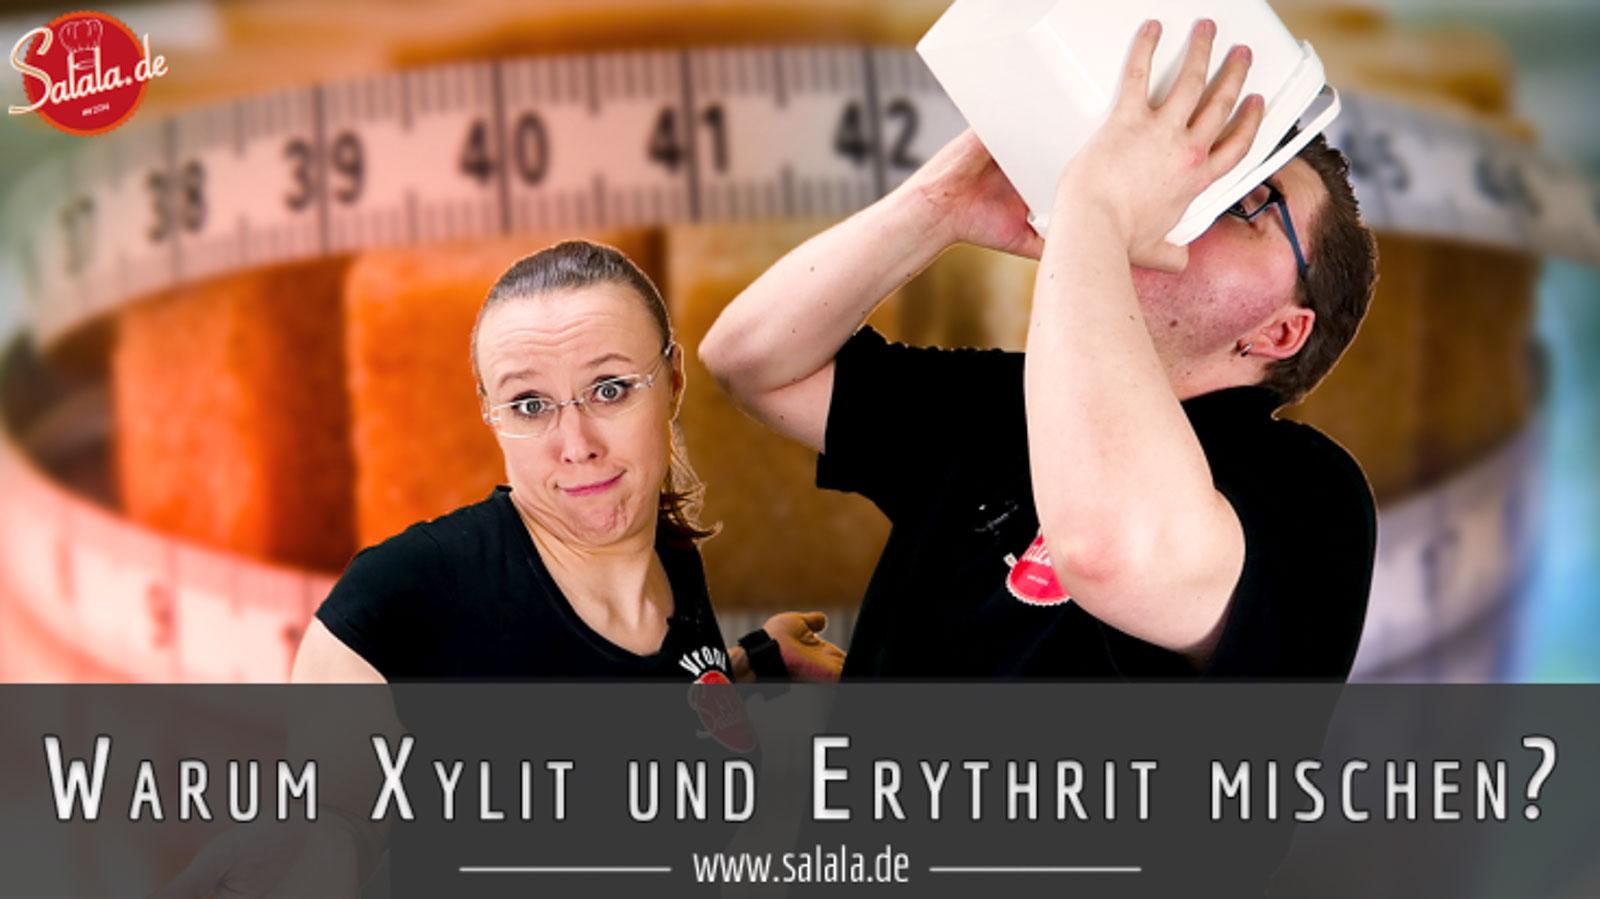 Eryxyl - Unsere geheime Xylit Erythrit Mischung Low Carb Zuckerersatz der wie Zucker schmeckt